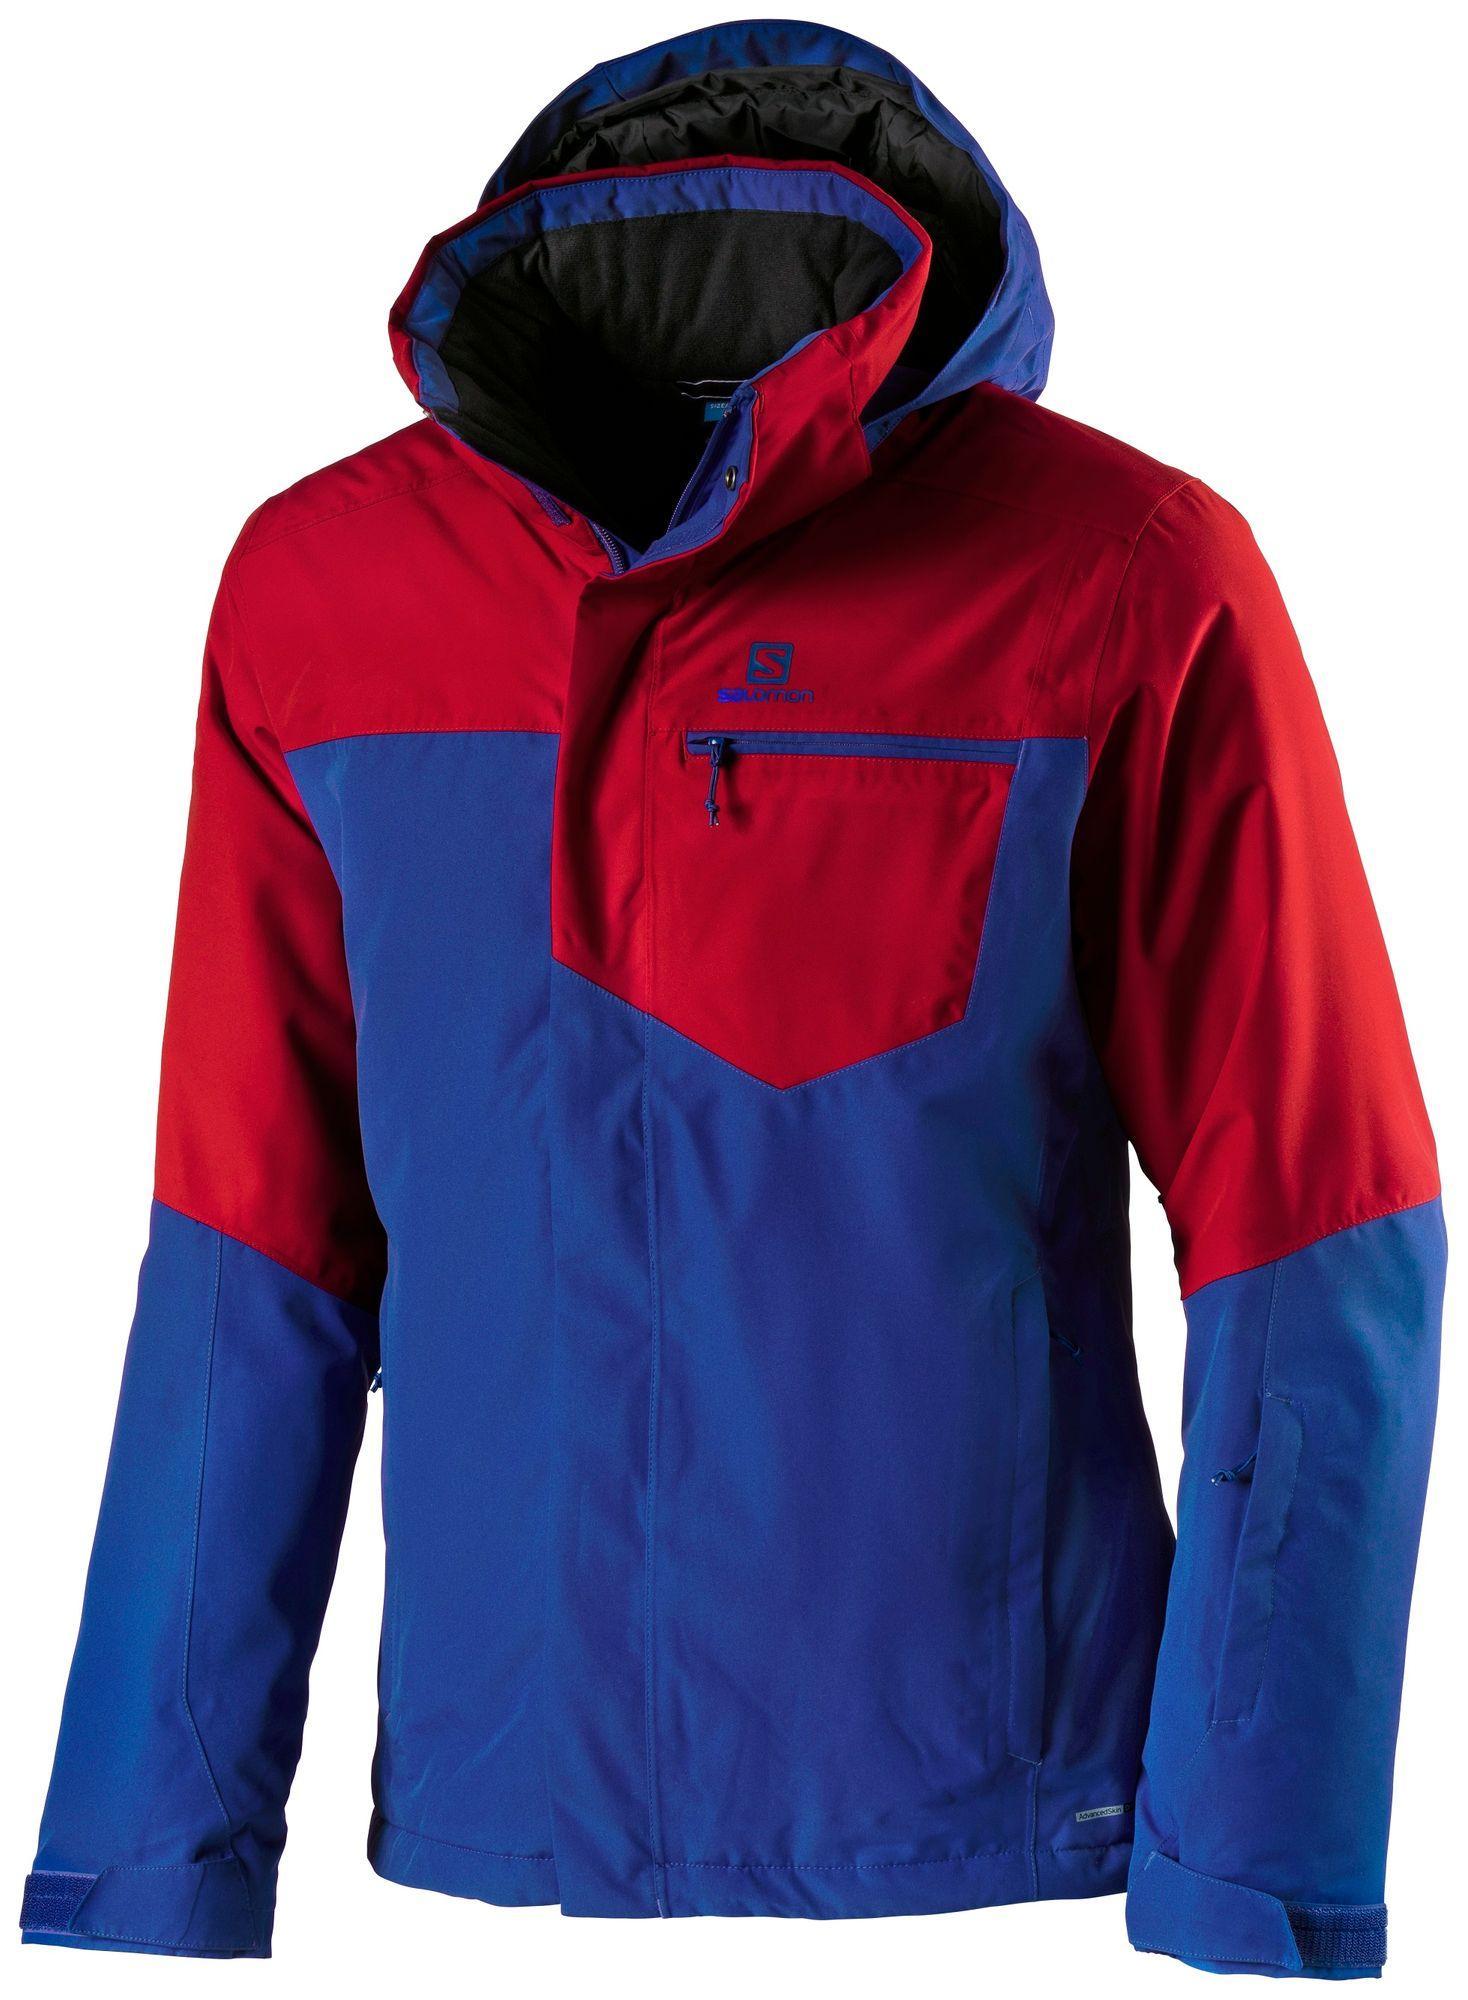 salomon ski jacket strike jkt m men 39 s winter jacket. Black Bedroom Furniture Sets. Home Design Ideas